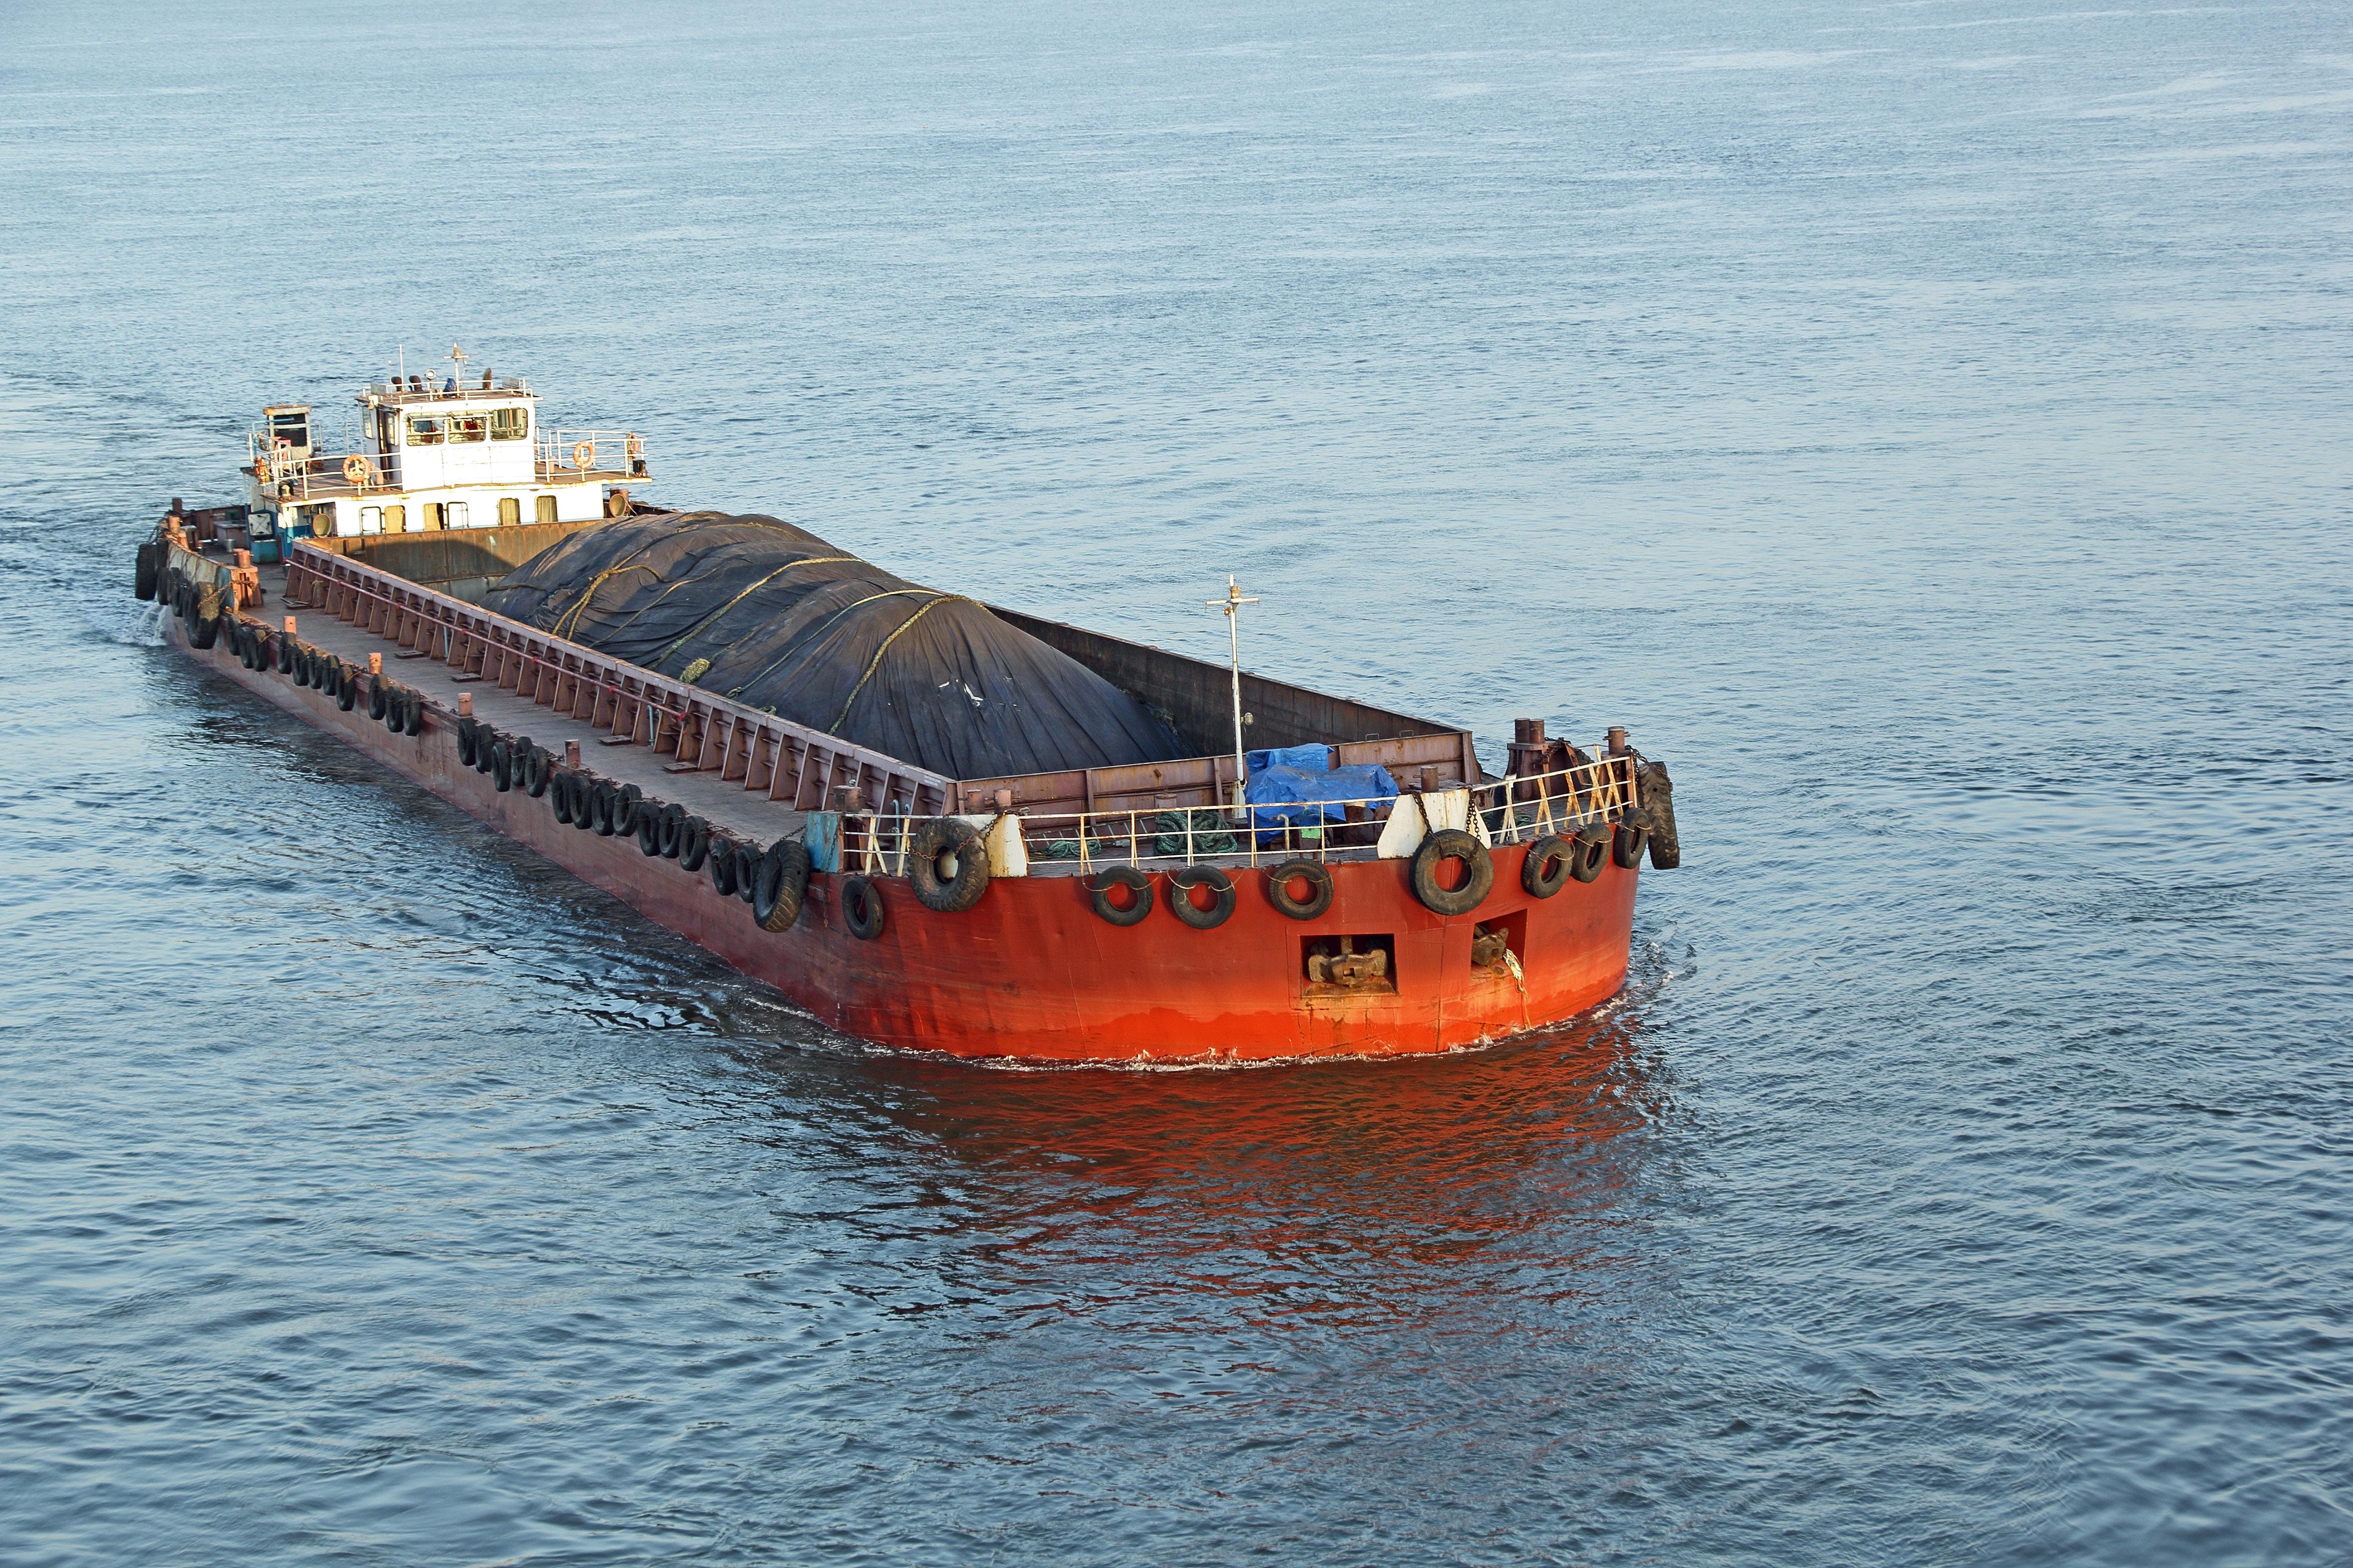 Βύθιση φορτηγίδας στη Σαλαμίνα που ήταν ελλιμενισμένη από το 2014. Δεν αναφέρθηκε θαλάσσια